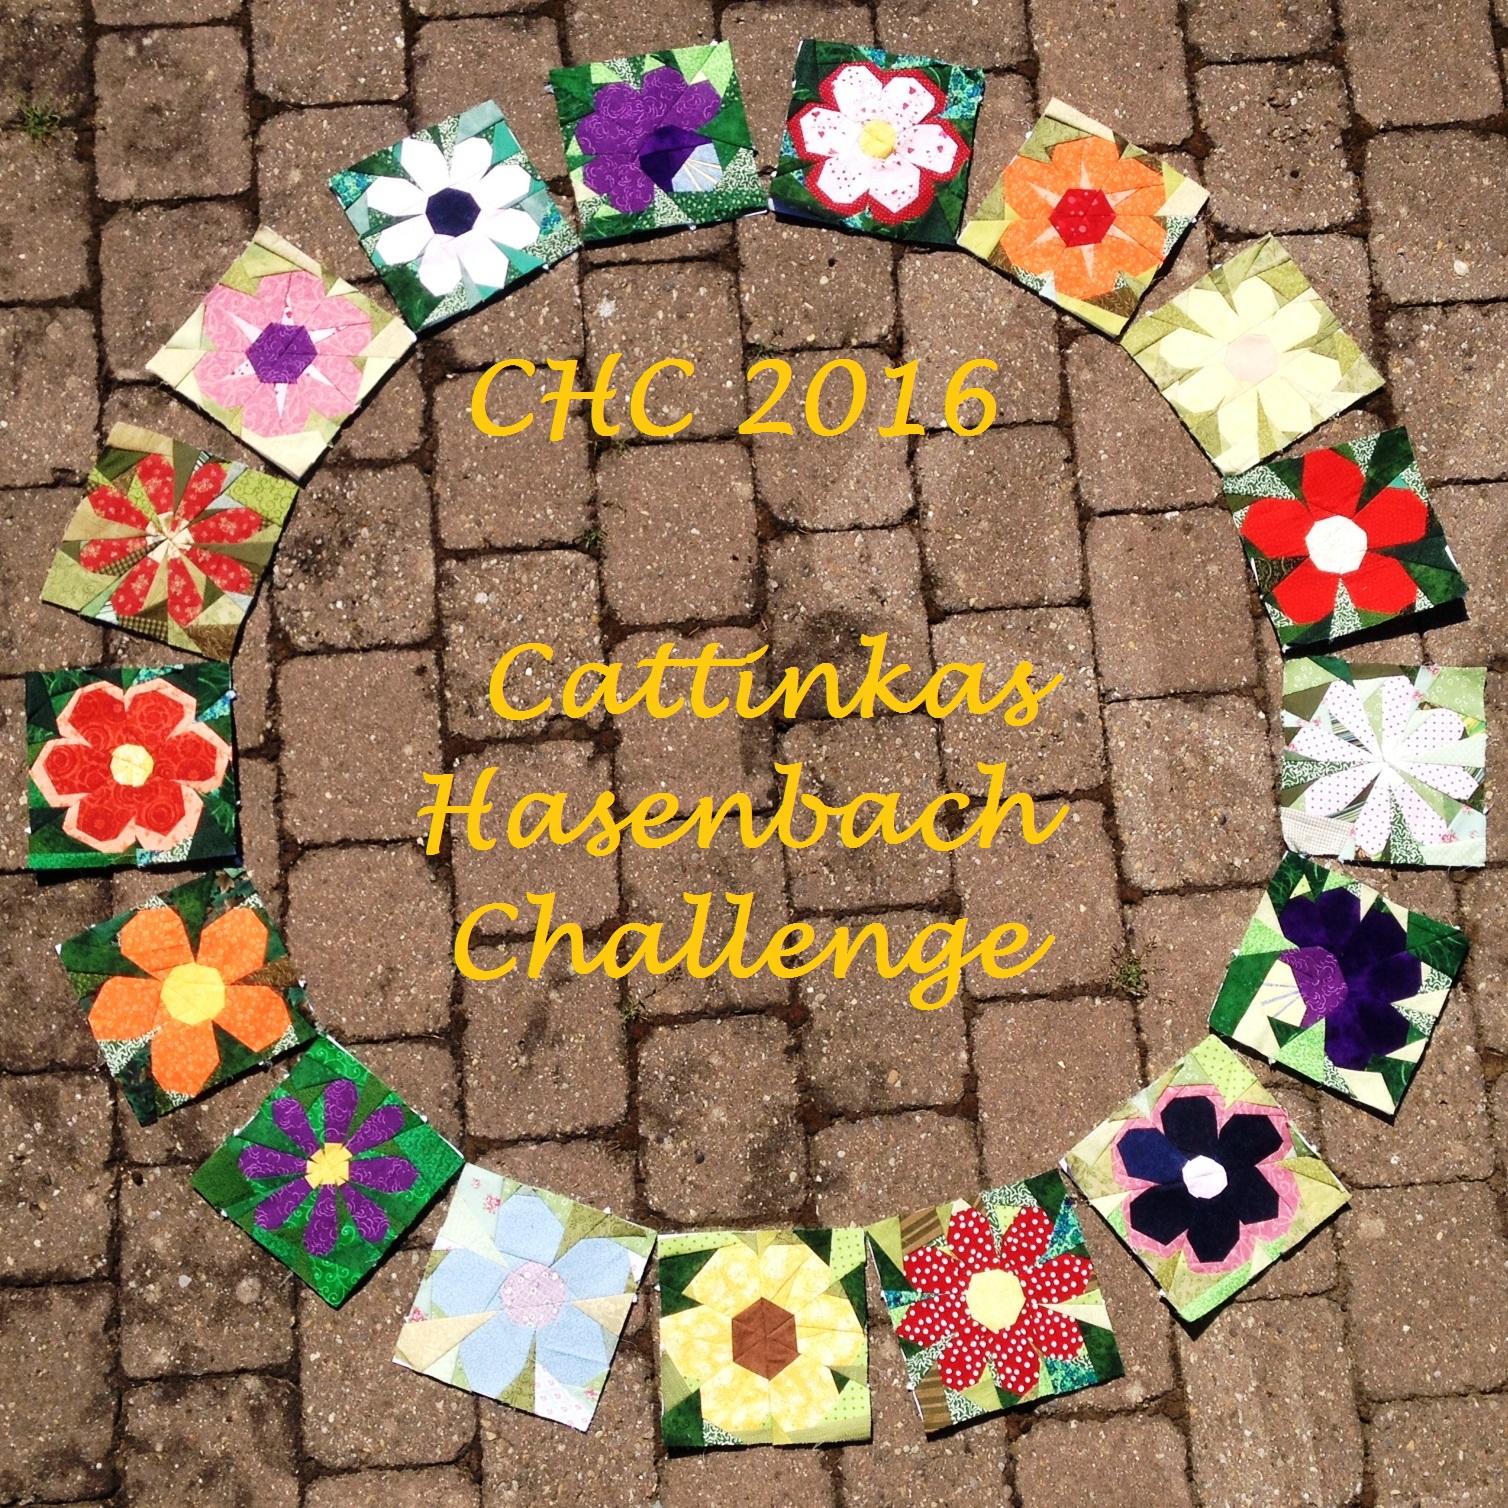 Hasenbach-Challenge 2016